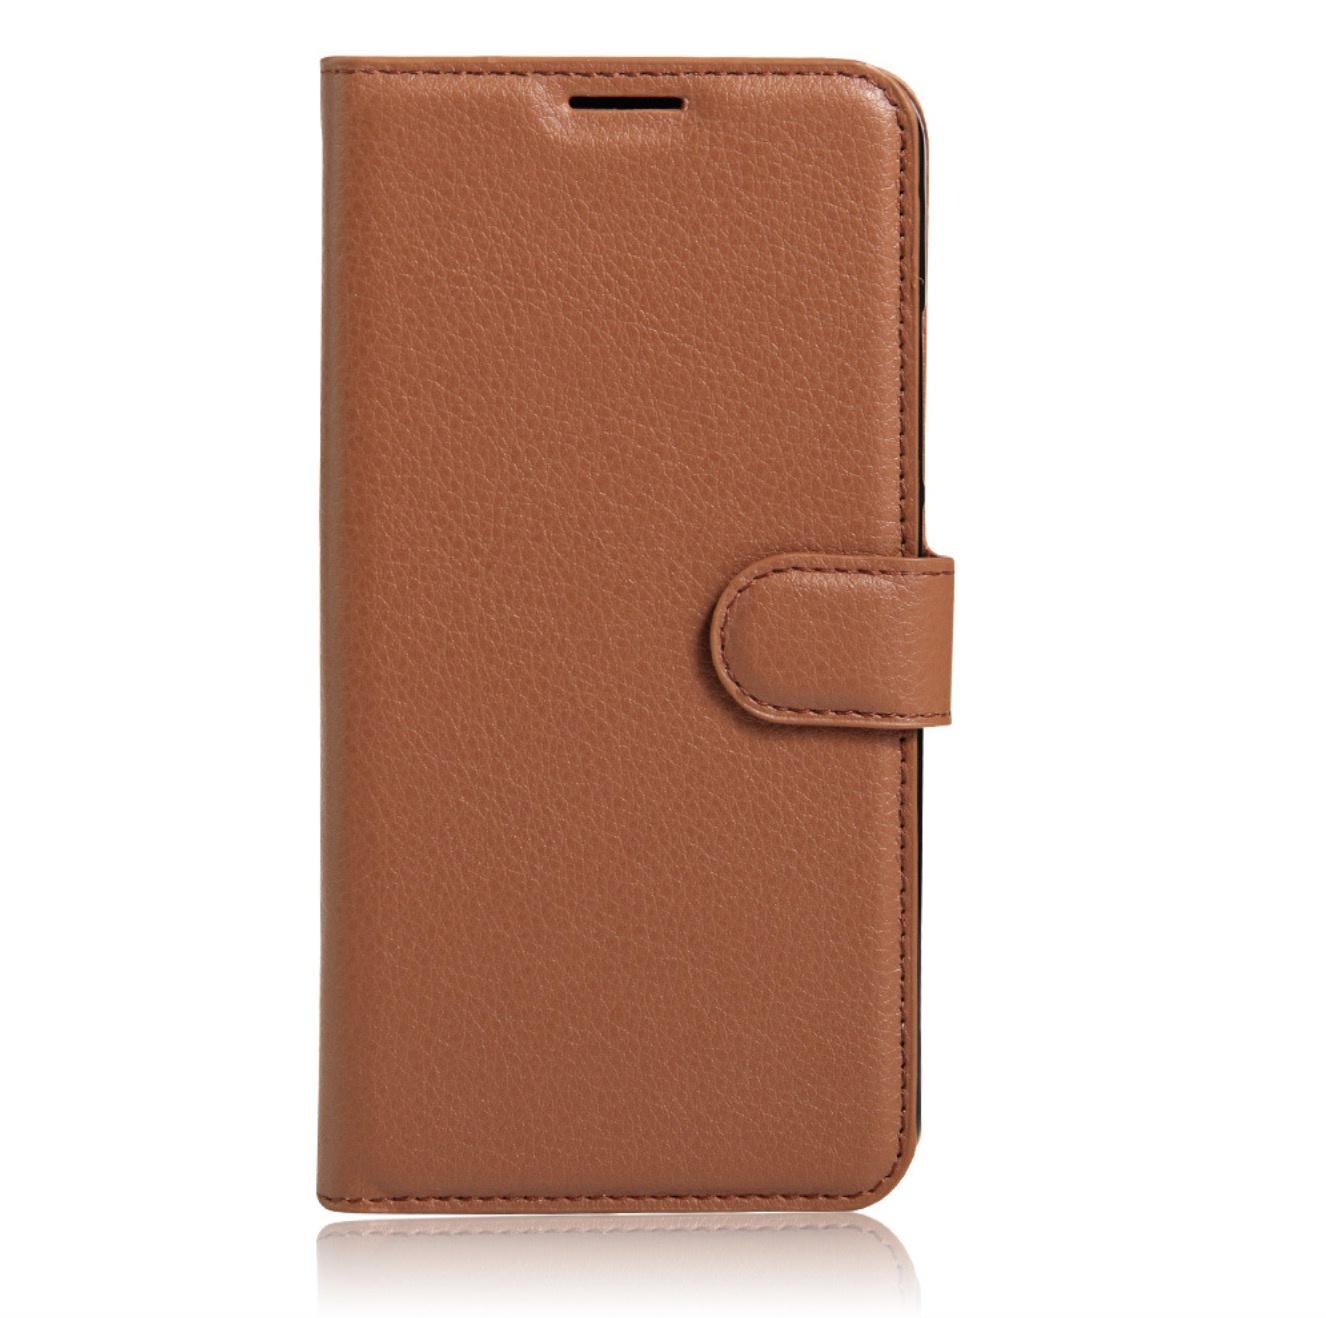 Чехол-книжка MyPads для HTC Desire 816 Dual Sim с мульти-подставкой застёжкой и визитницей коричневый